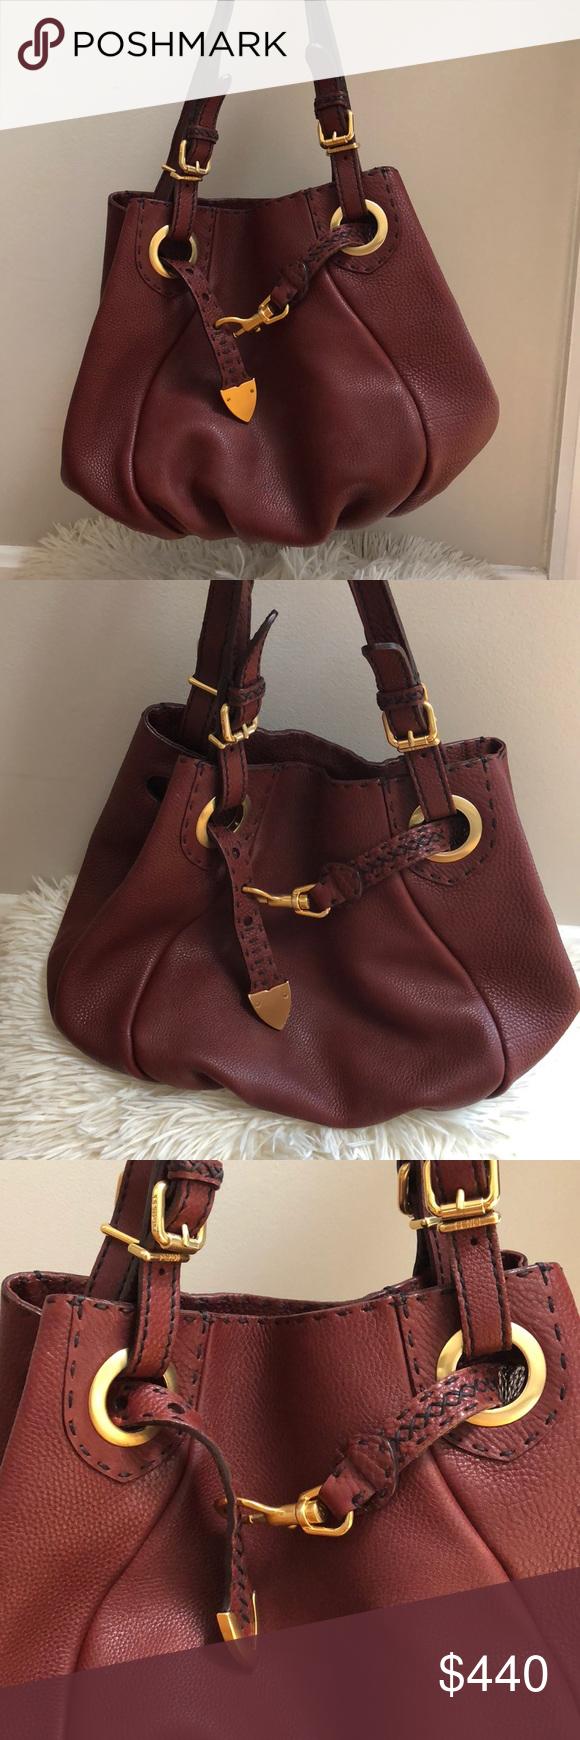 6e6e13fa7911 Fendi Burgundy Leather Selleria Pomodorino Bag New Beautiful burgundy  pebbled leather